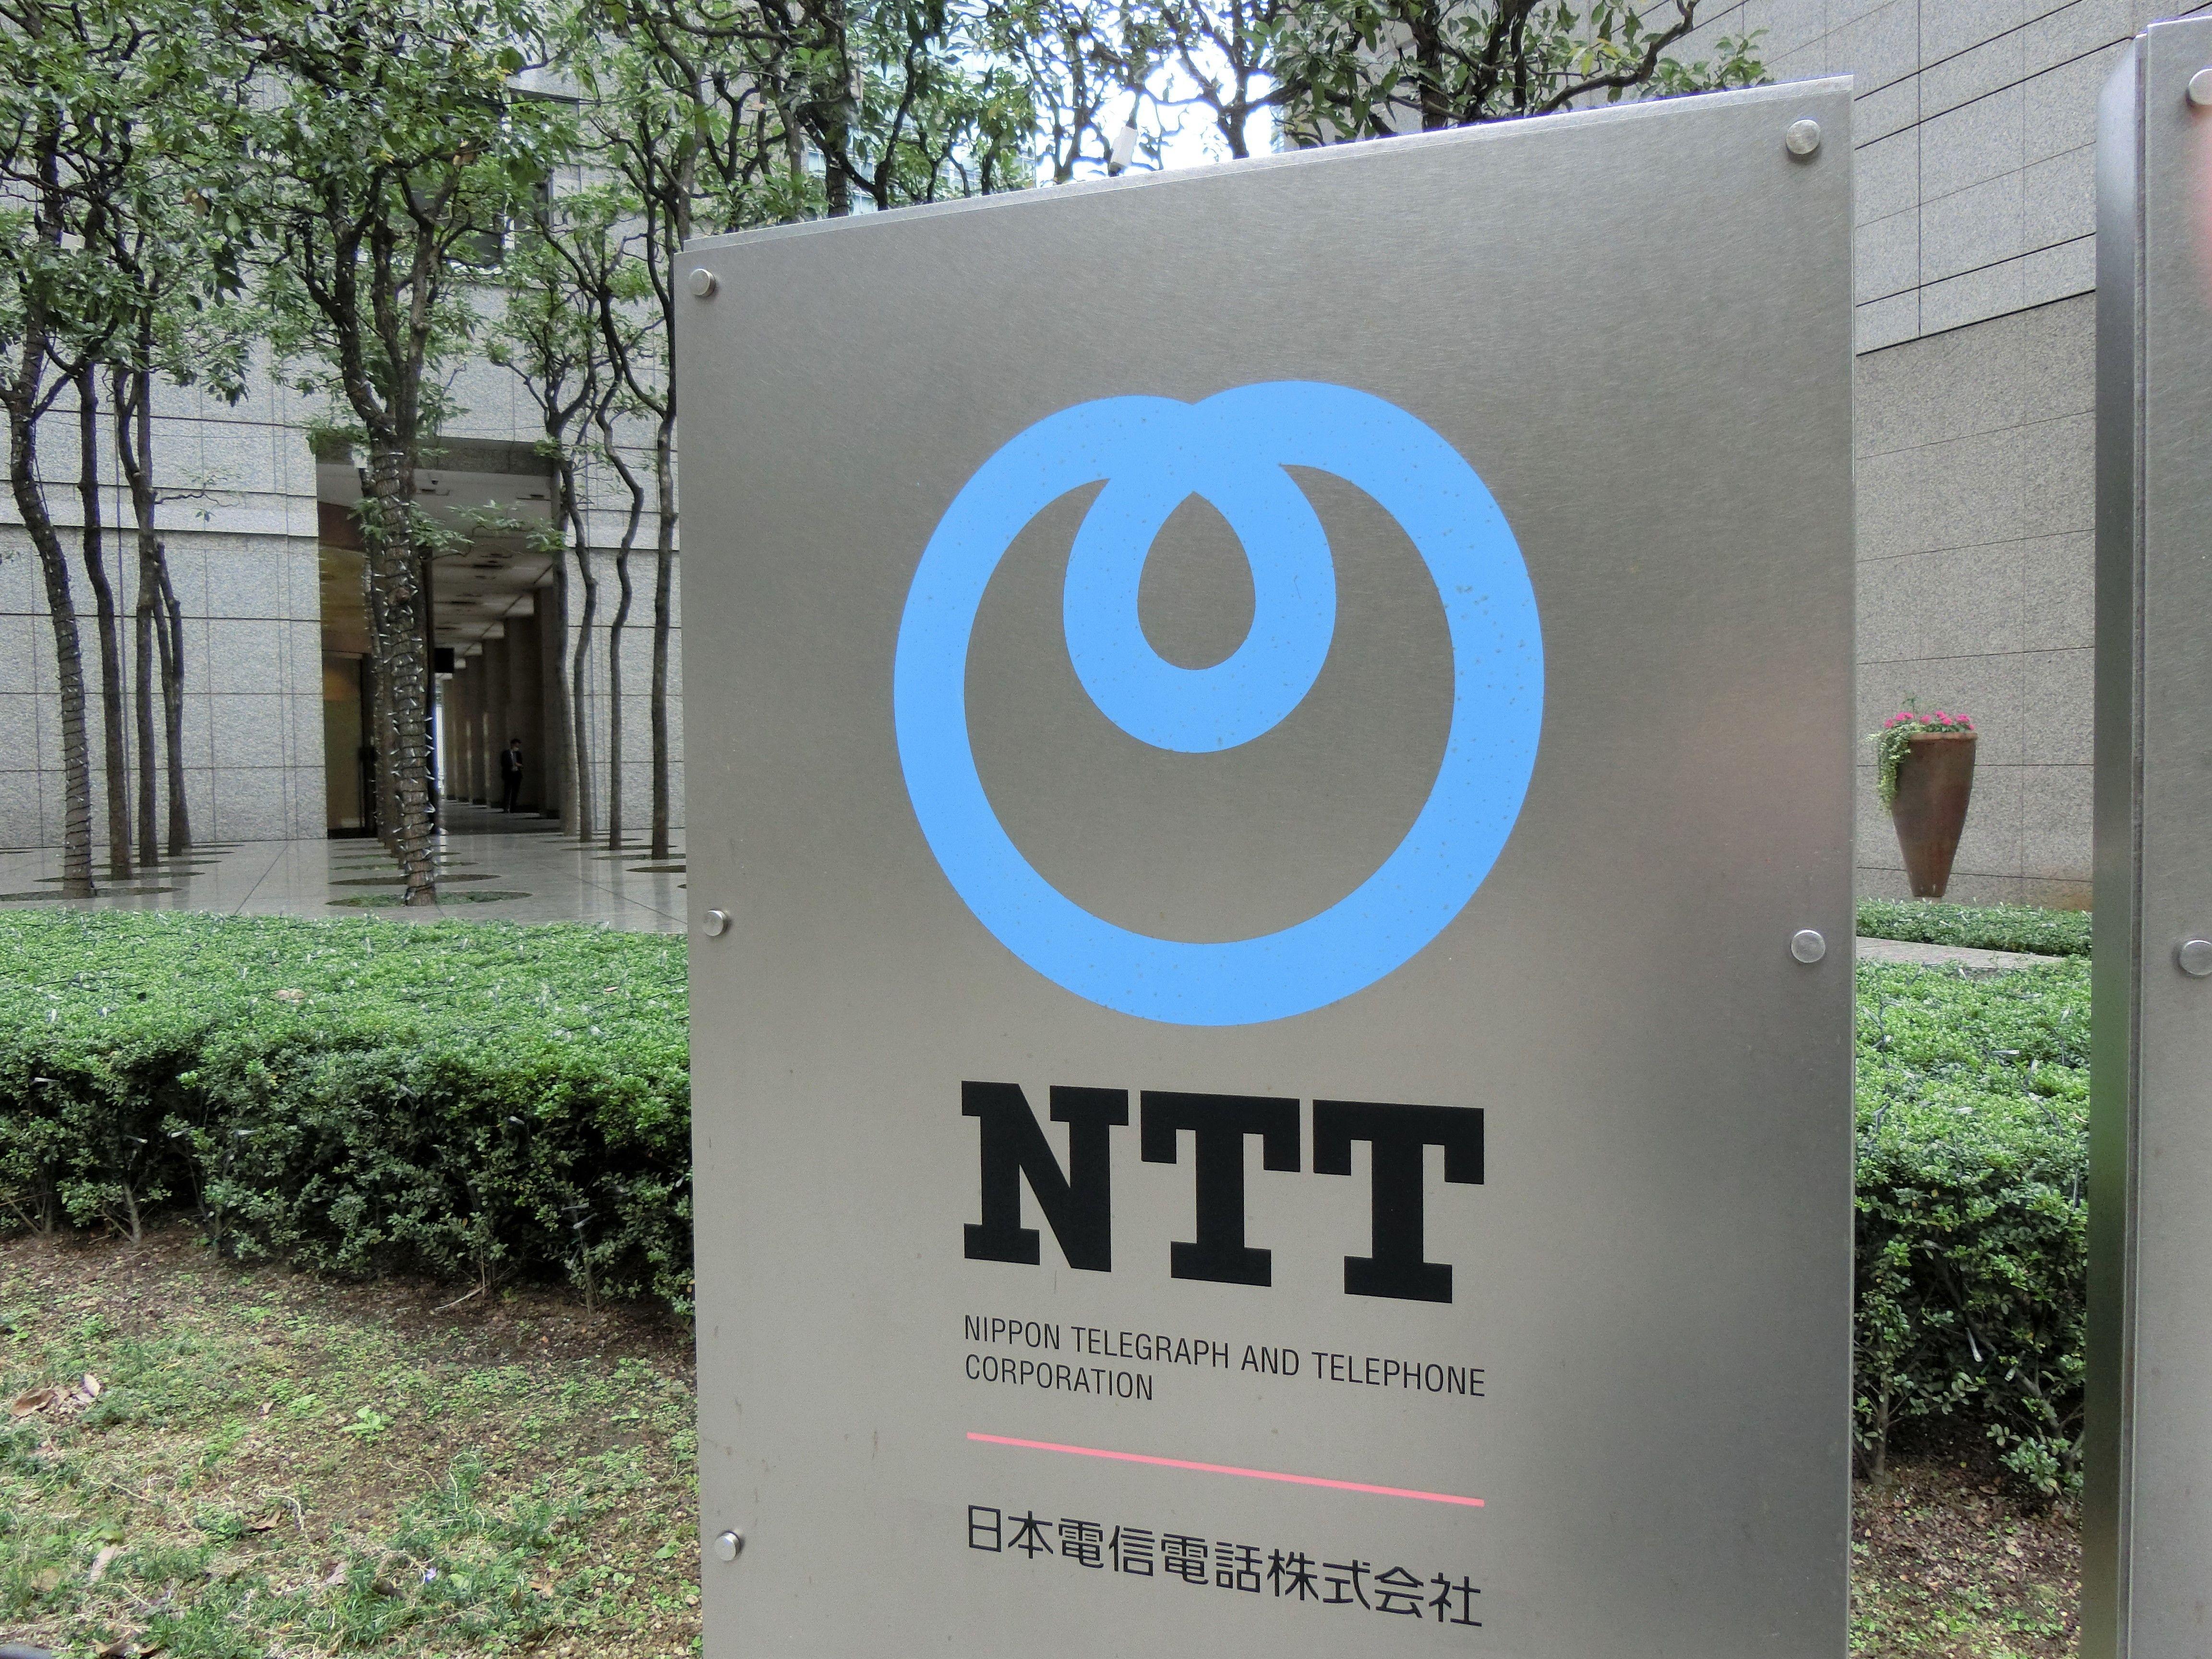 NTT、ドコモTOBを経て2022年に新たな「発展期」到来か|ビジネスパーソンのための占星術